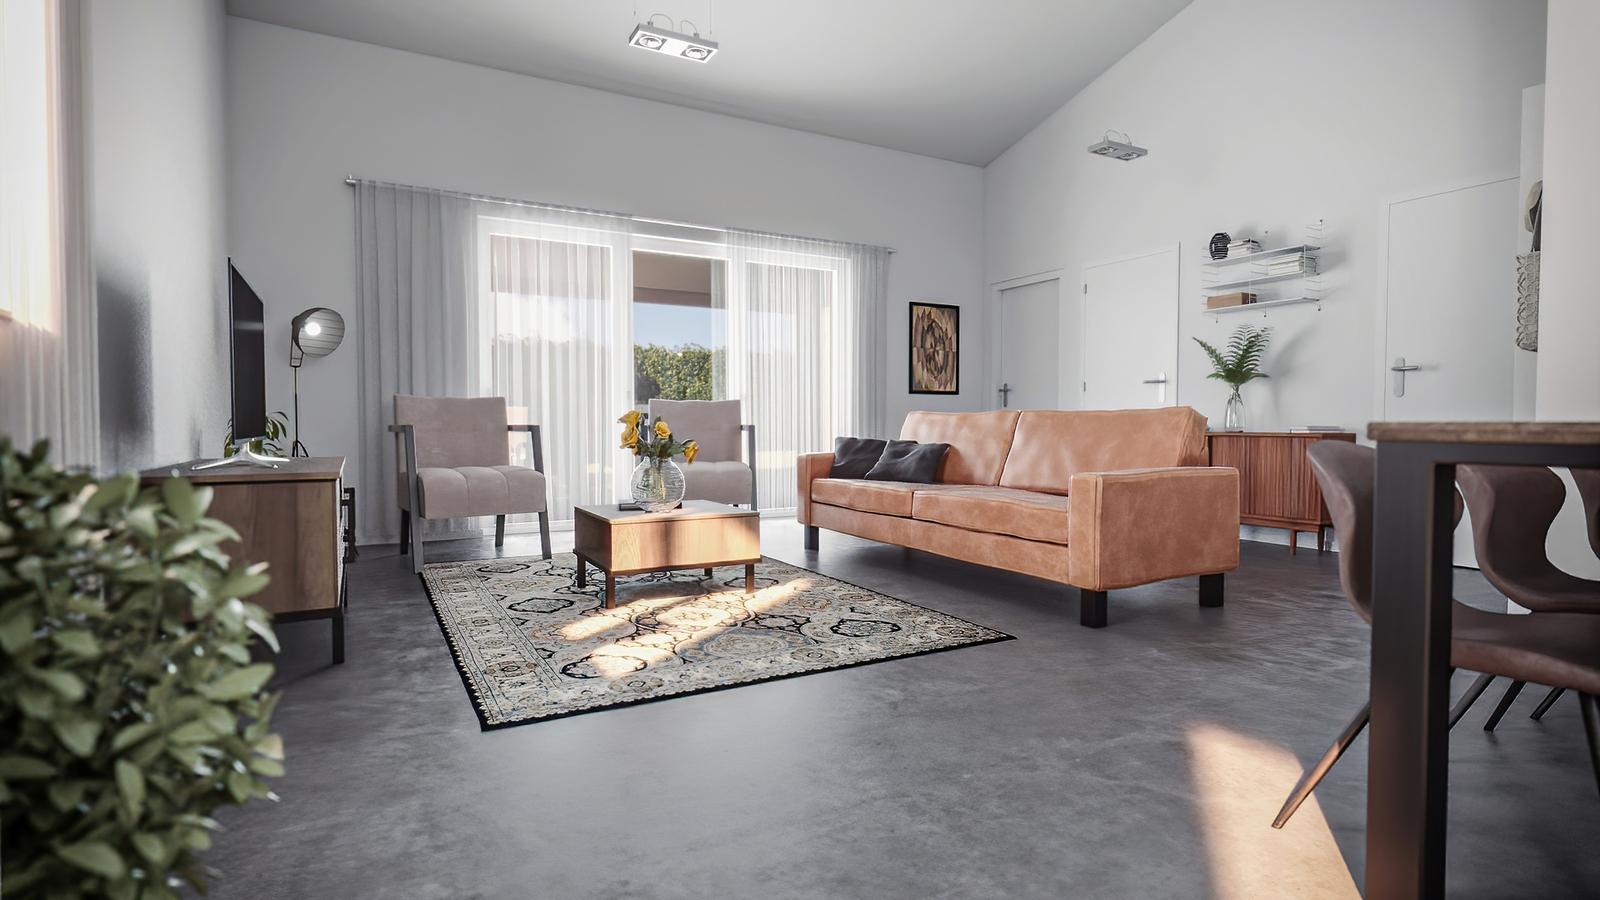 4-kamer villa voor 6 personen - type 3